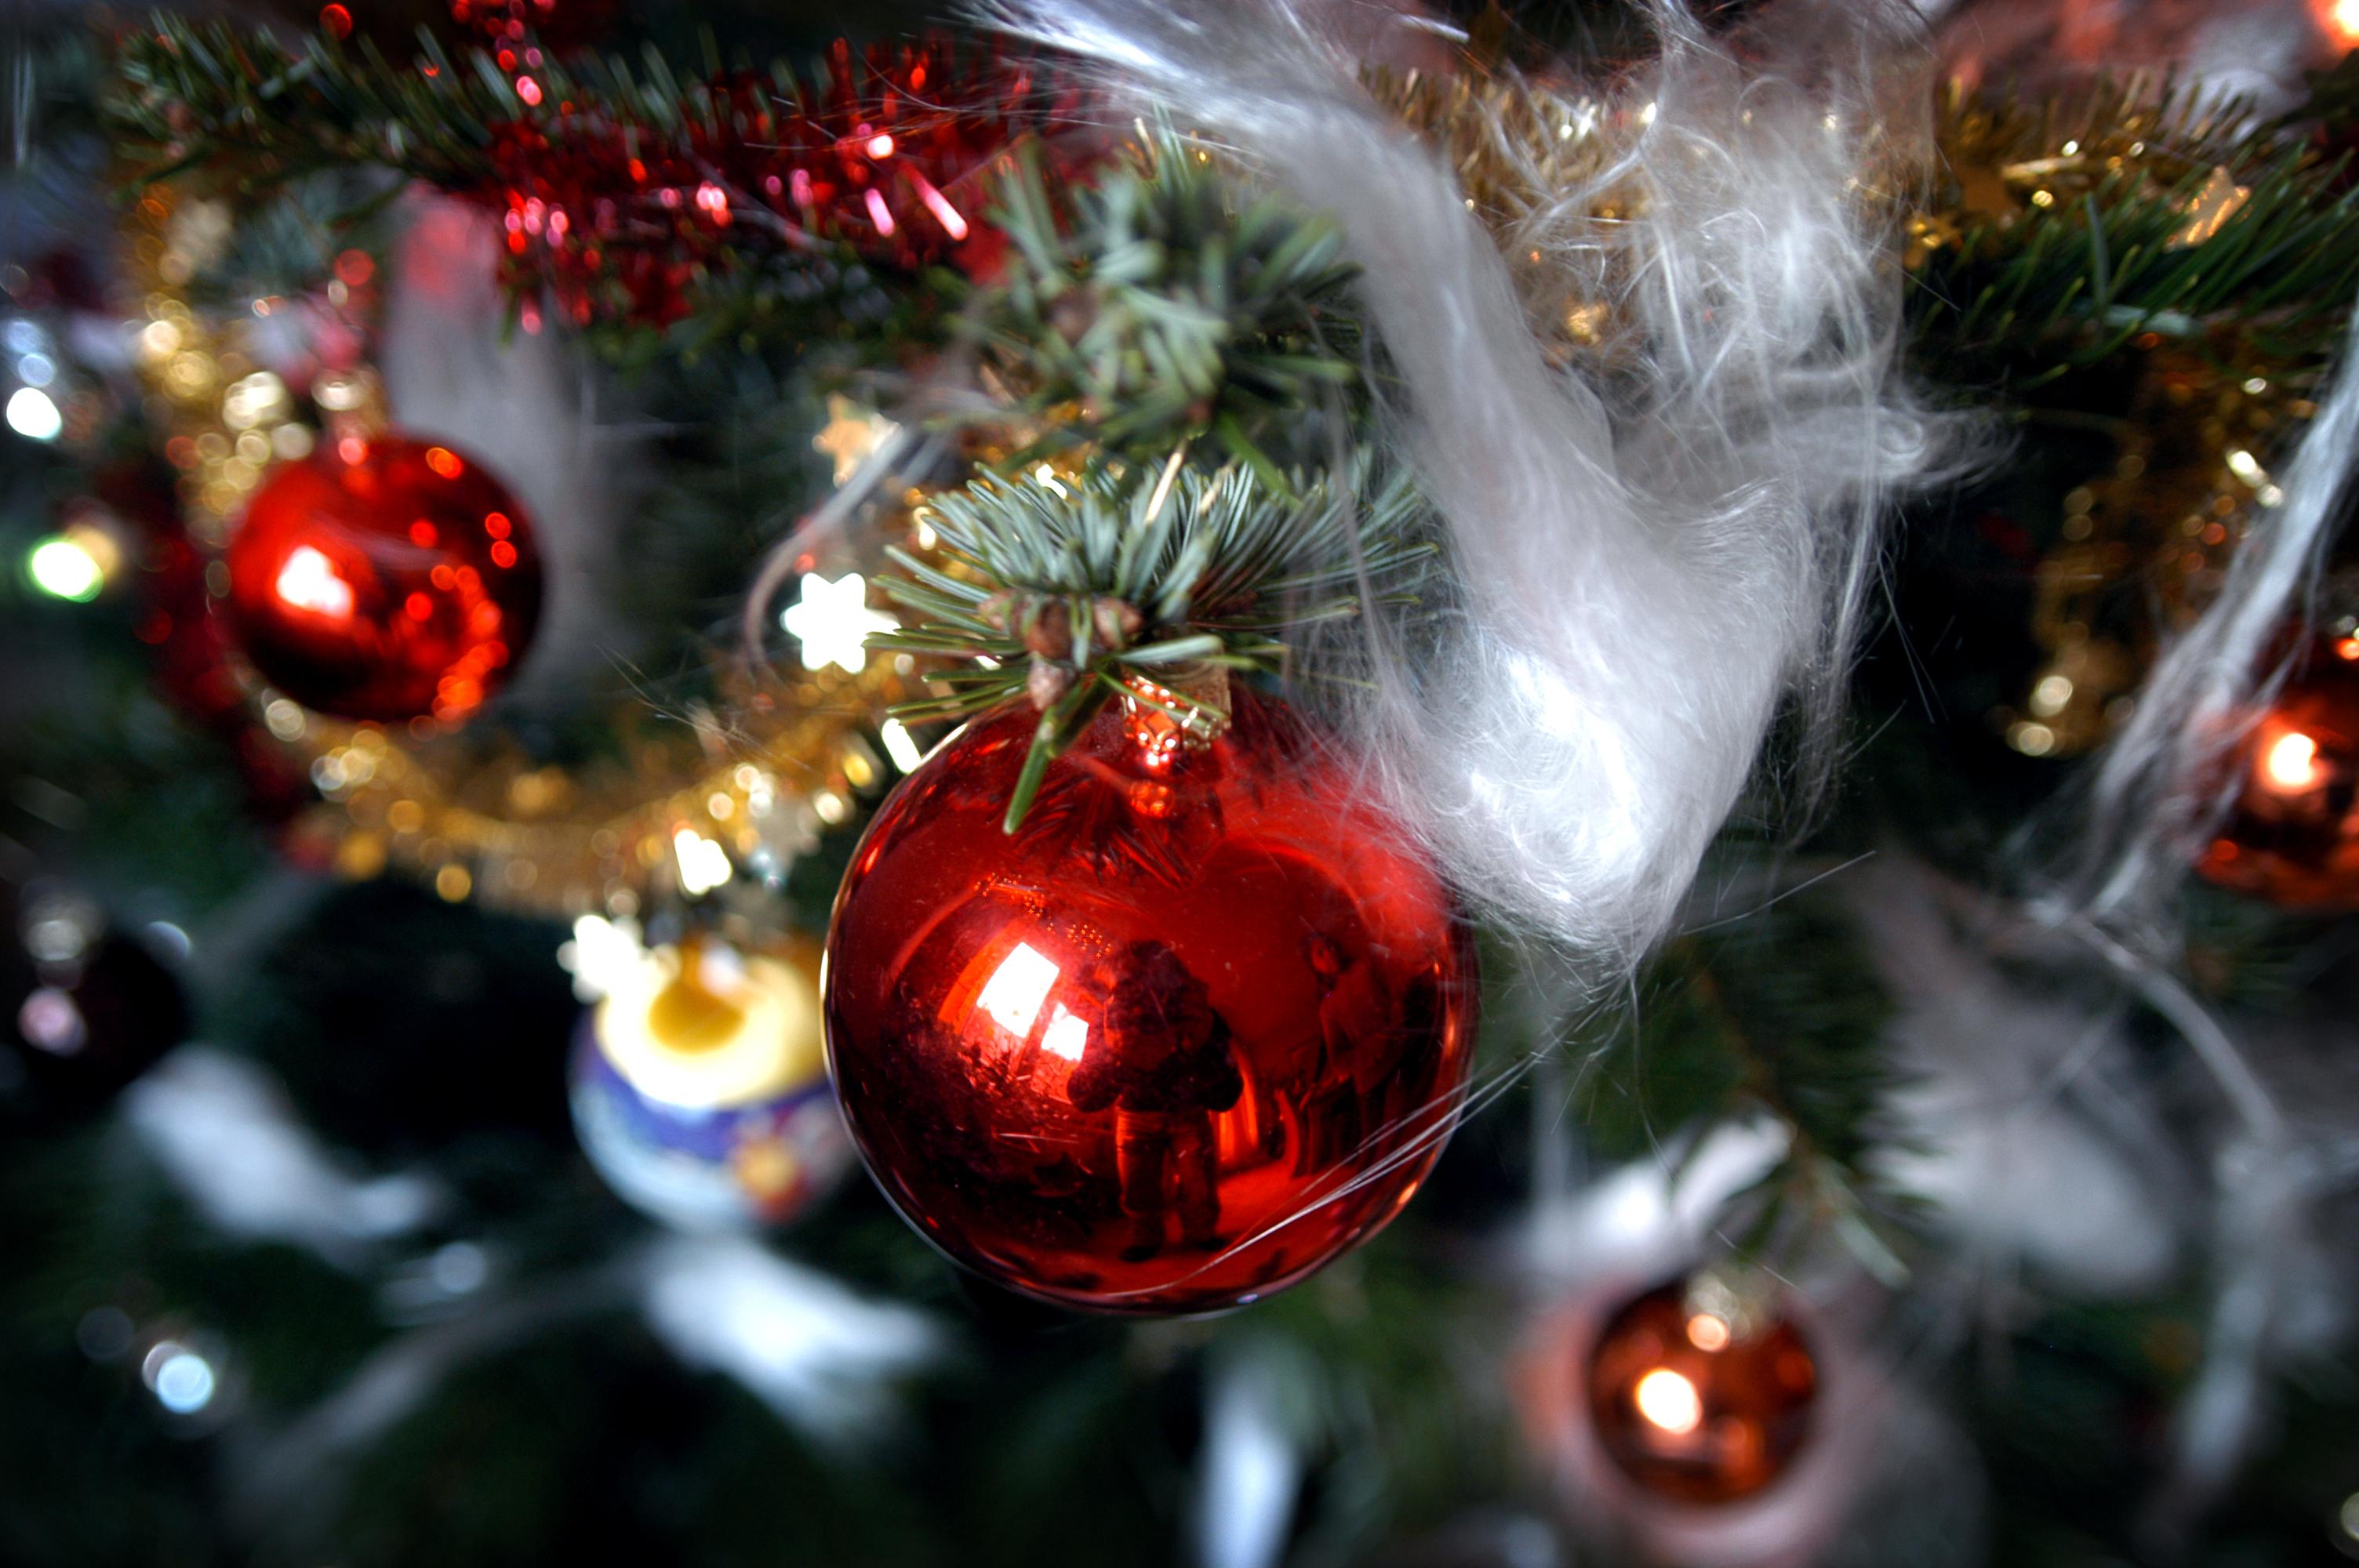 #BB1F10 Envoyez Nous Vos Photos De Décorations De Noël Signé Genève 5435 decorations de noel geneve 3008x2000 px @ aertt.com